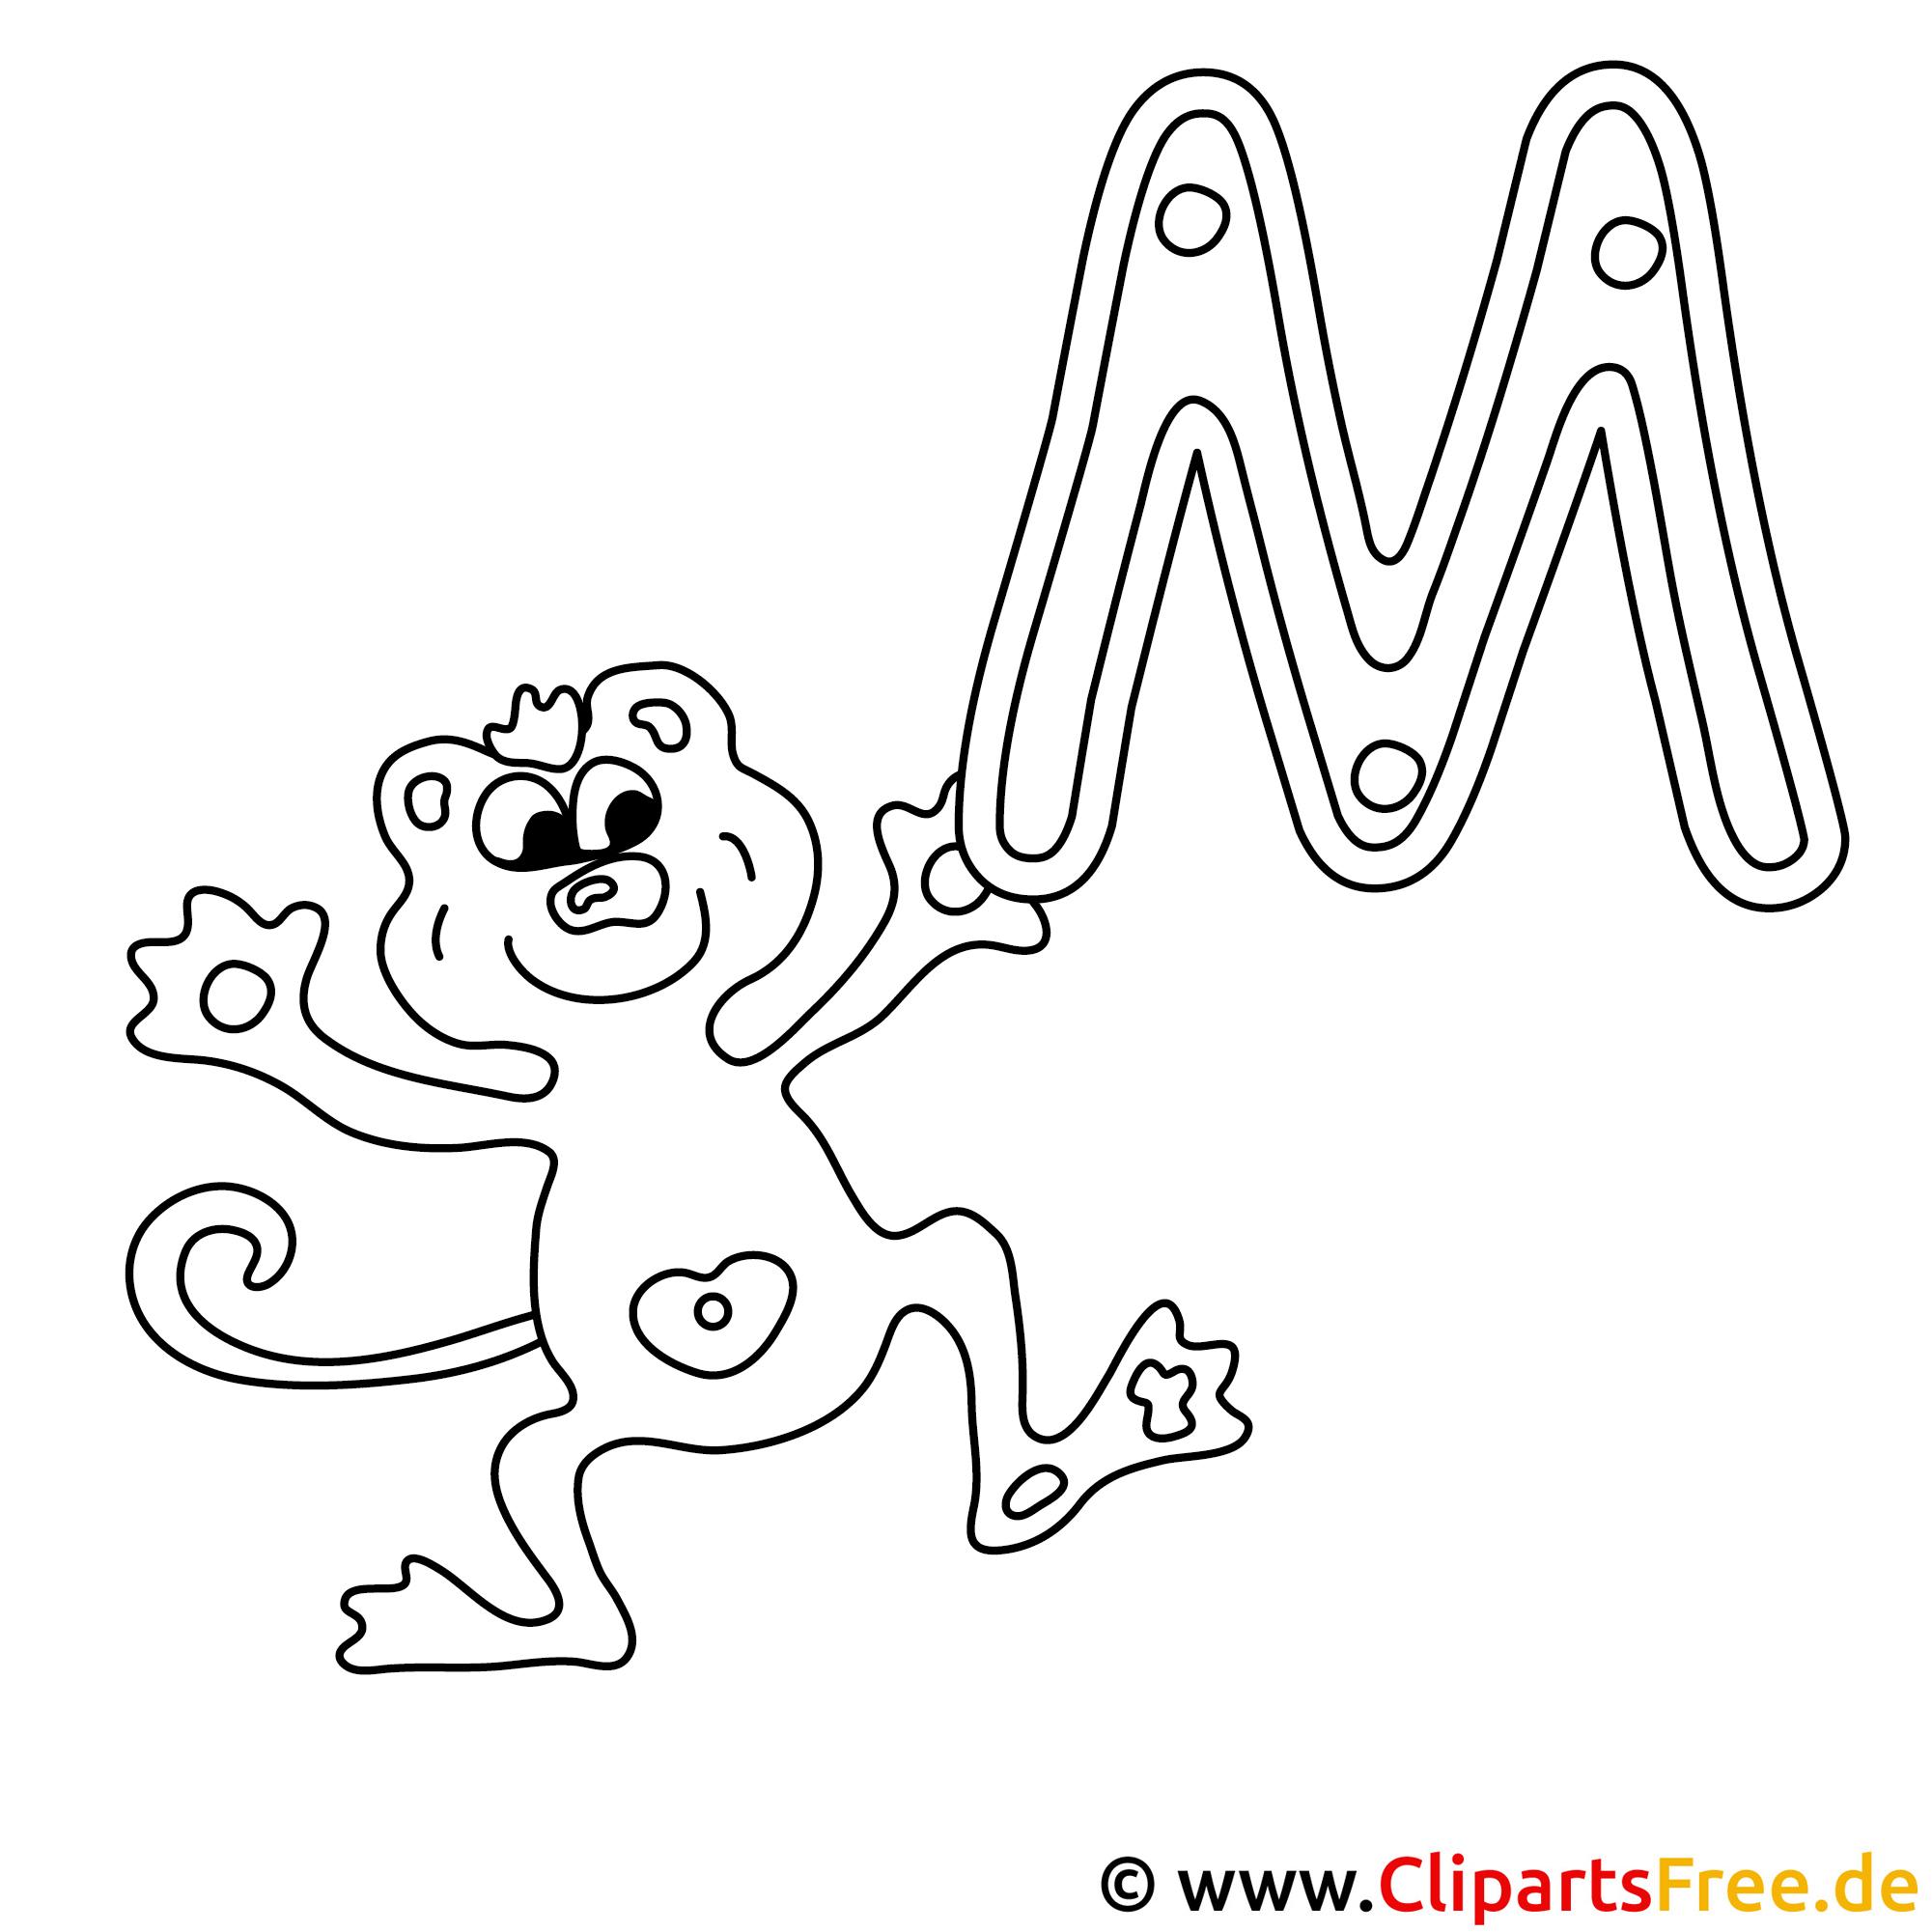 Monkey - Buchstaben Vorlagen